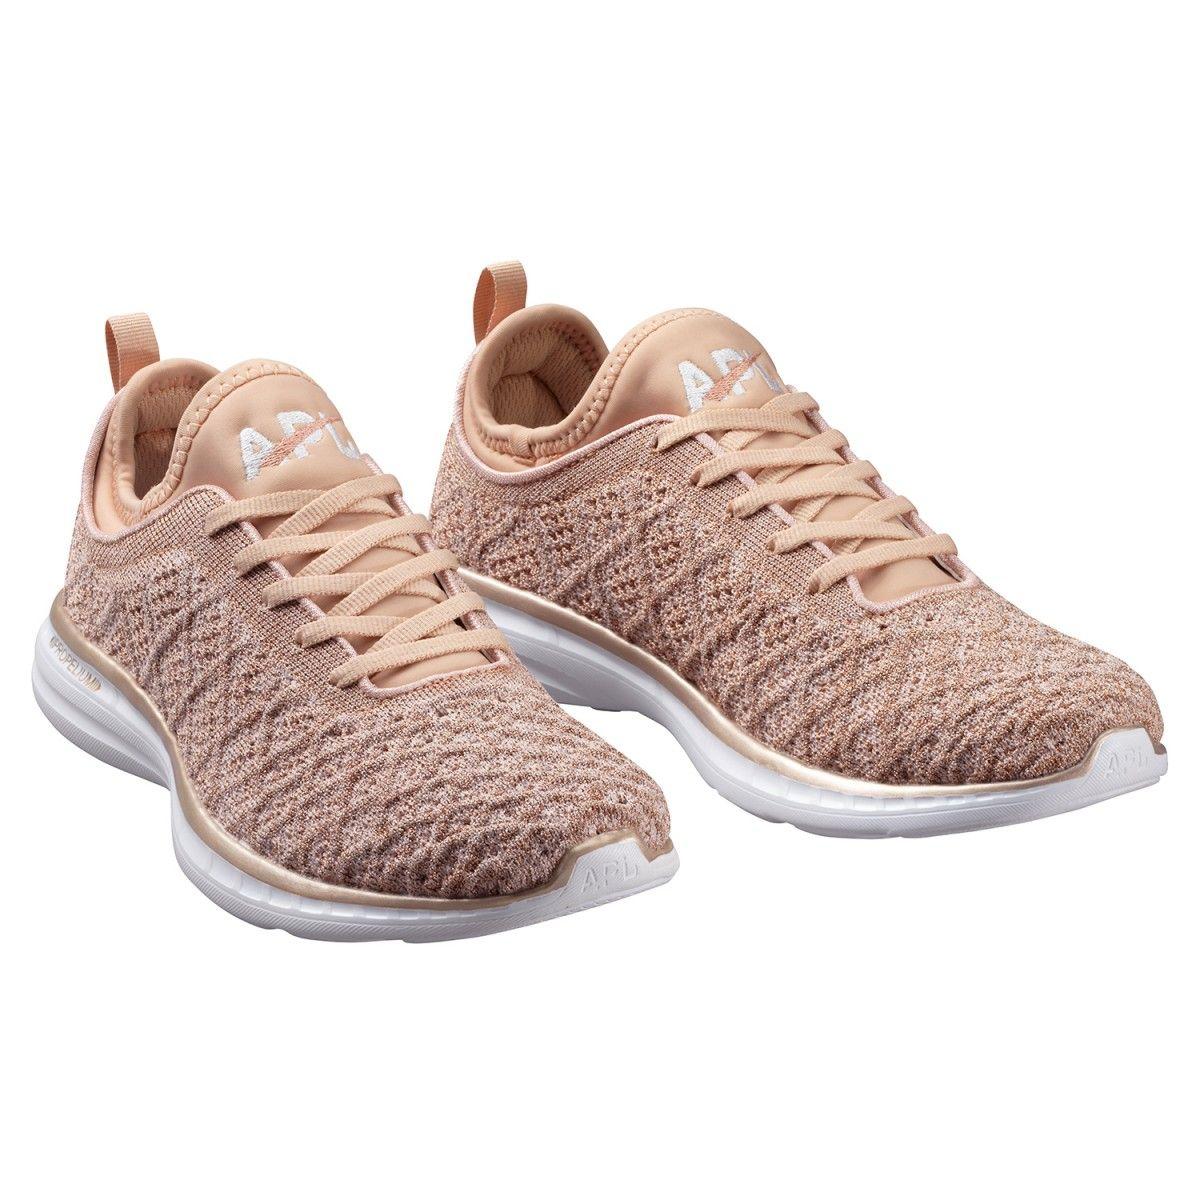 f1b27725bec9 APL Women s Running Shoes TechLoom Phantom Rose Gold